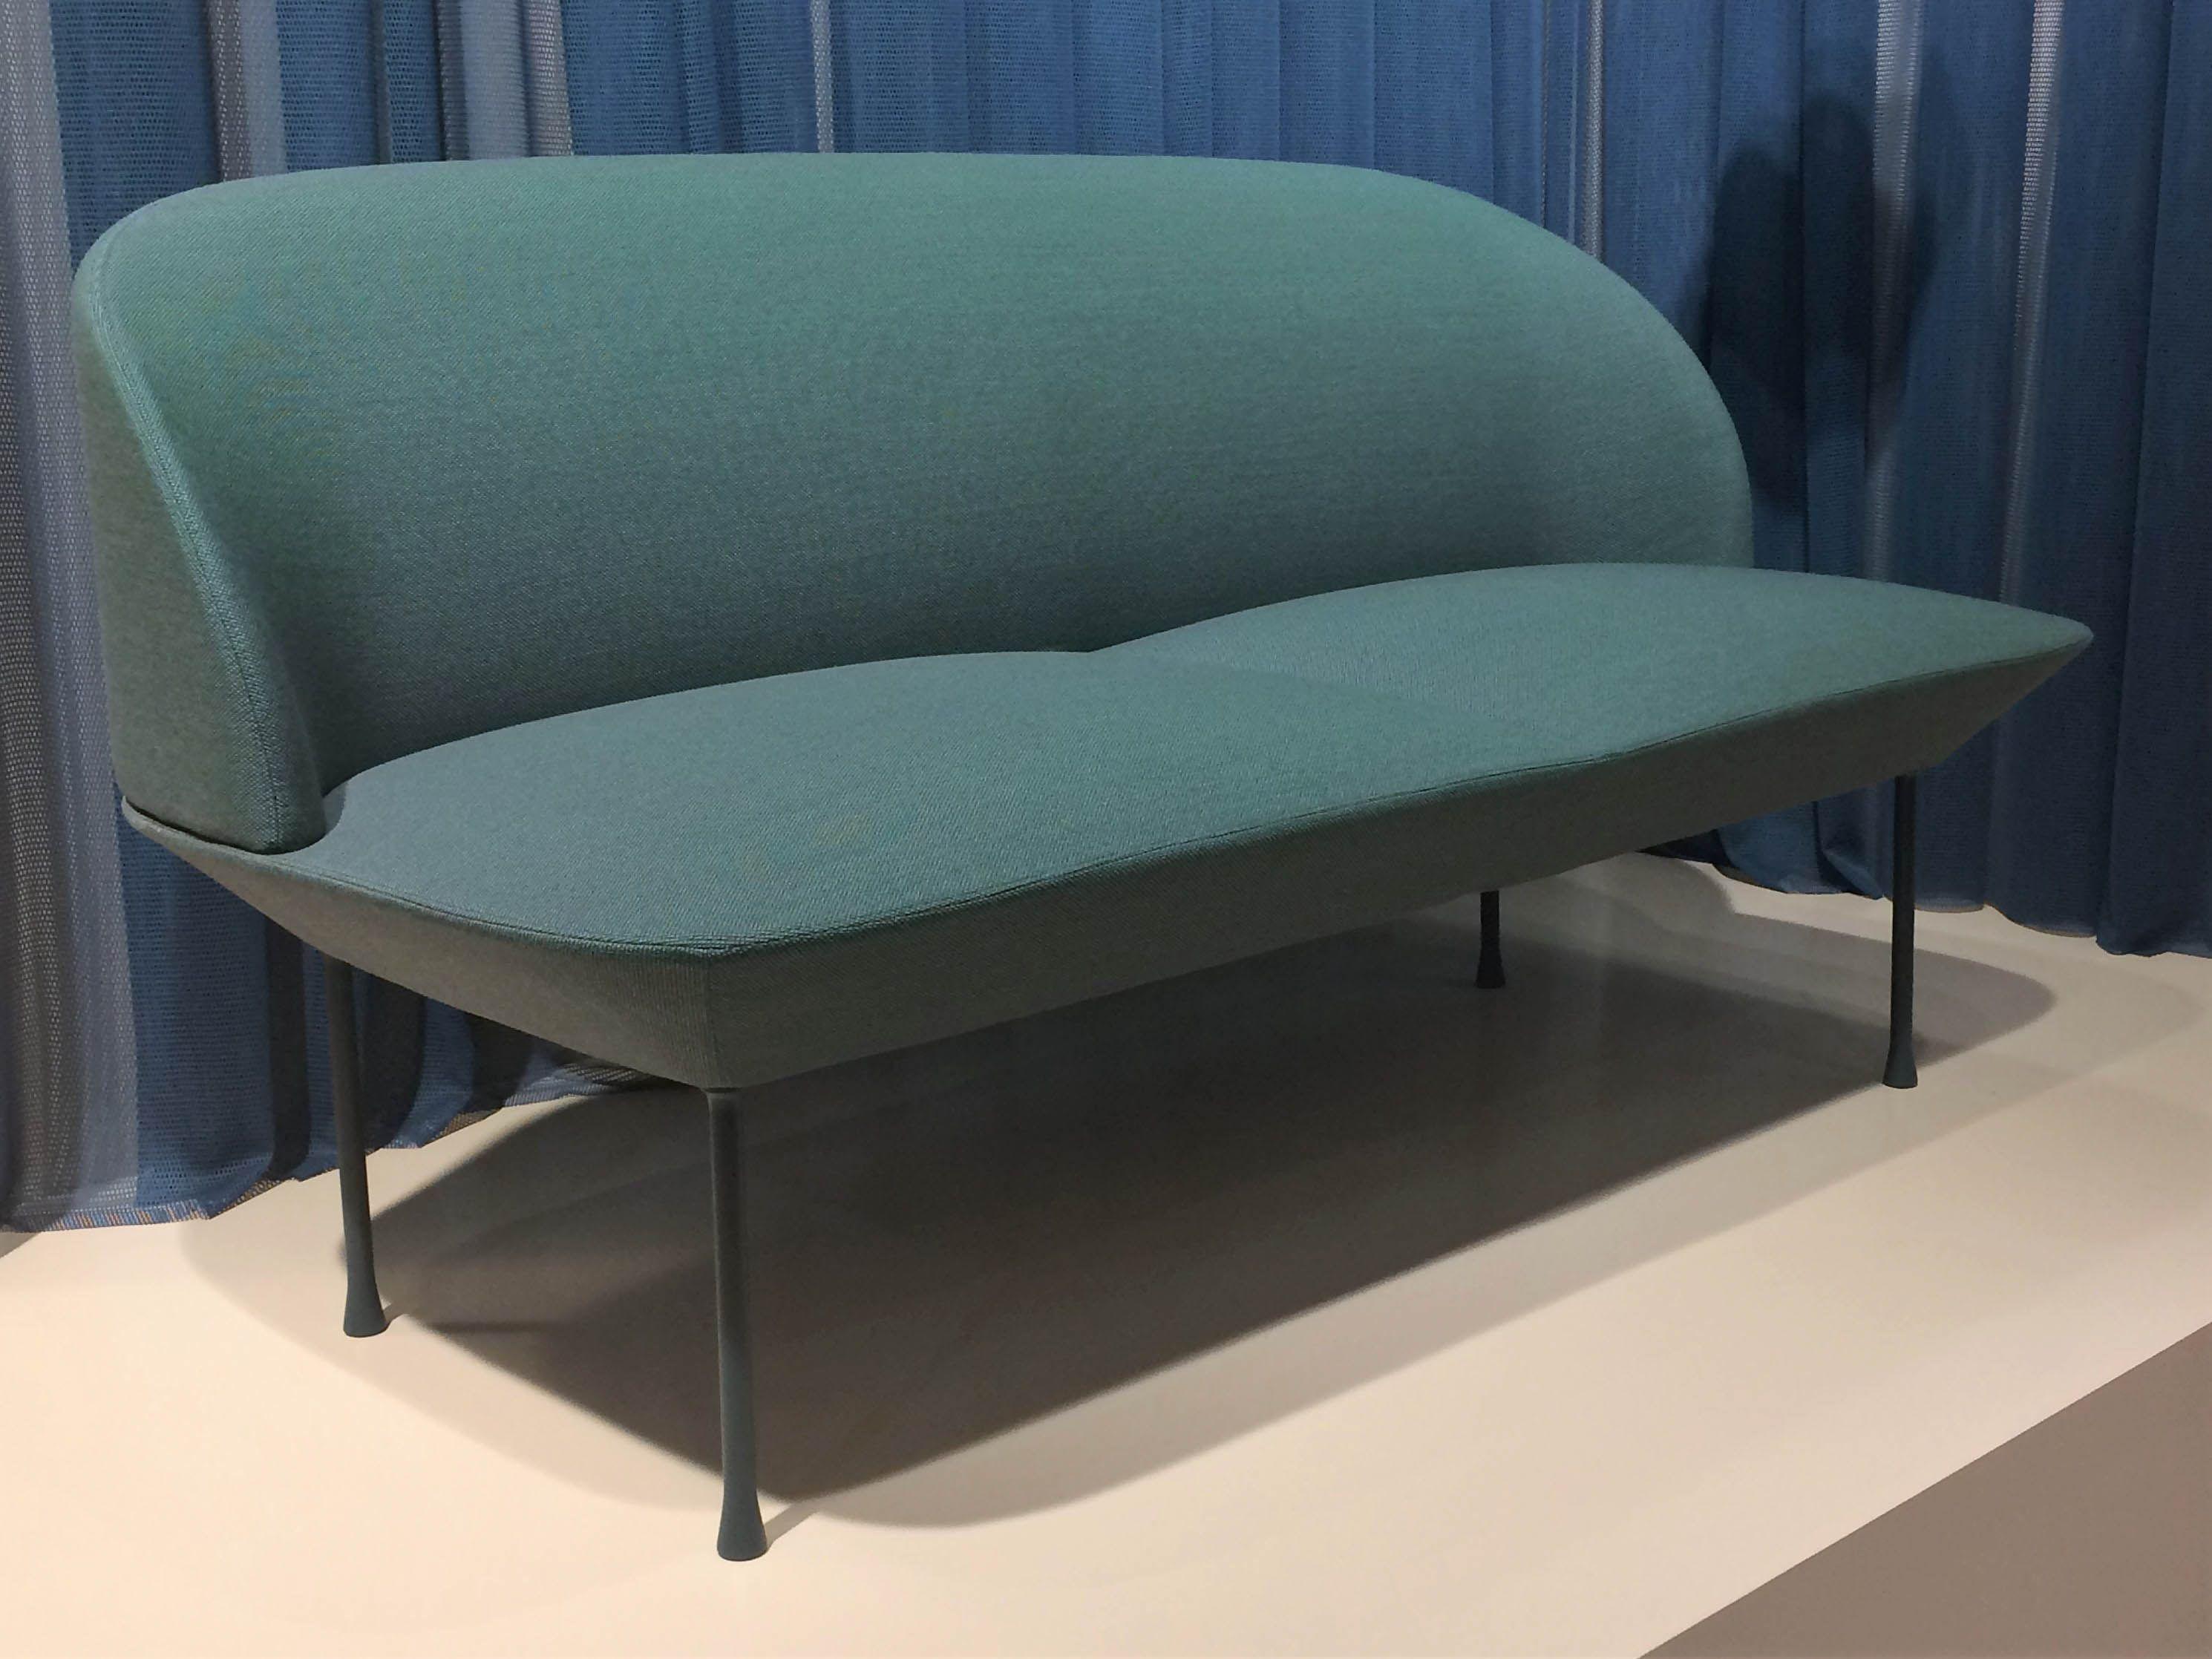 Oslo Sofa By Anderssen Voll For Muuto Furniture Ottoman Home Decor